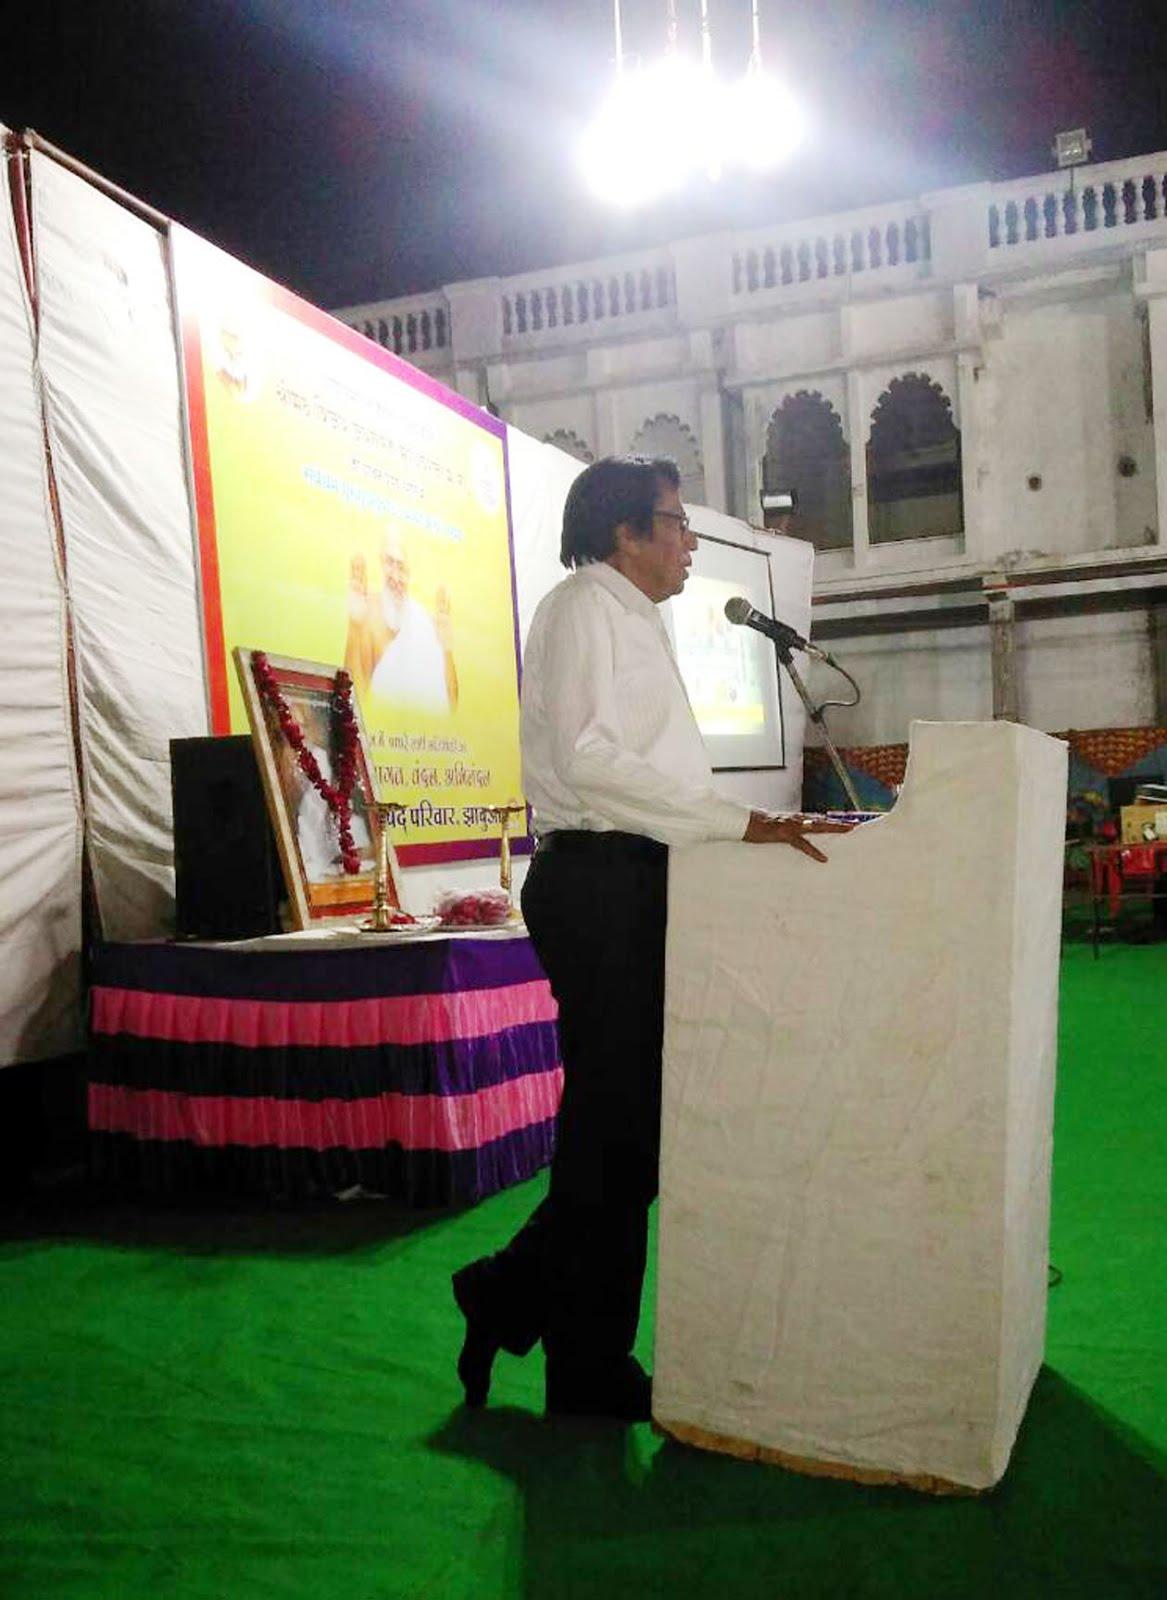 Gurudev-jyanti-surishwar-devotees-paid-tribute-to-the-nation-जब तक सूरज और चांद .... अमर रहेगा तेरा नाम, भाव-विभोर होकर गुरू भक्तों ने राष्ट्रसंत श्रीजी को दी श्रद्धांजलि